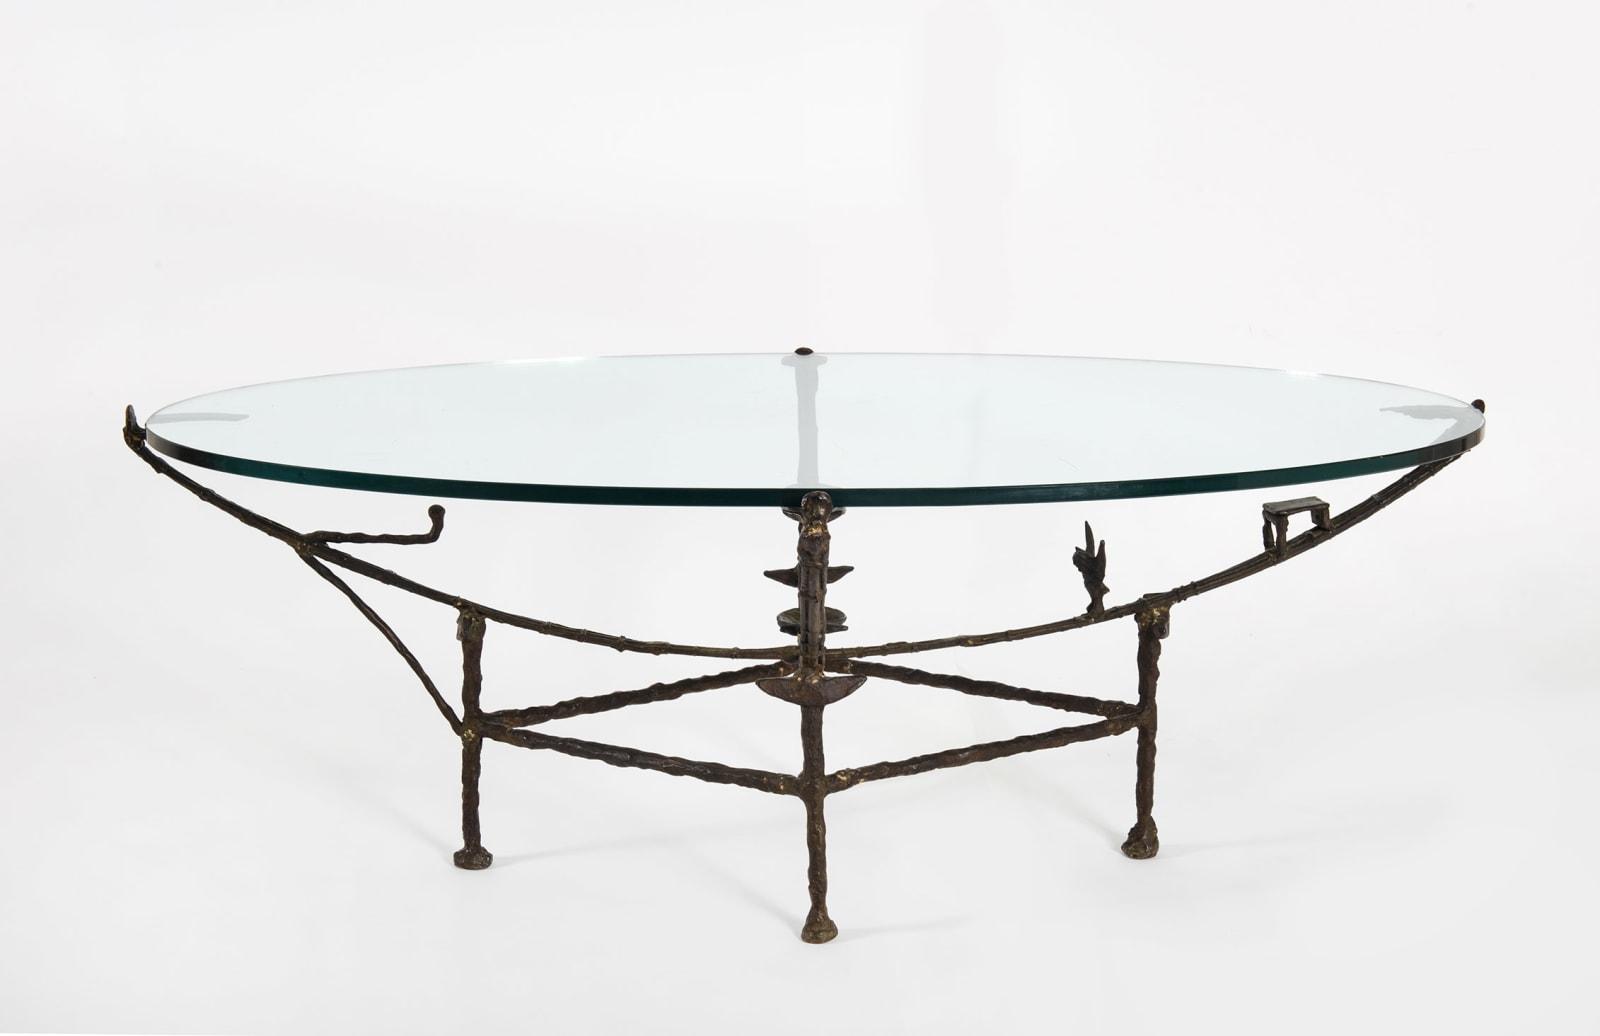 DIEGO GIACOMETTI, Table Carcasse, modèle à la chauve-souris